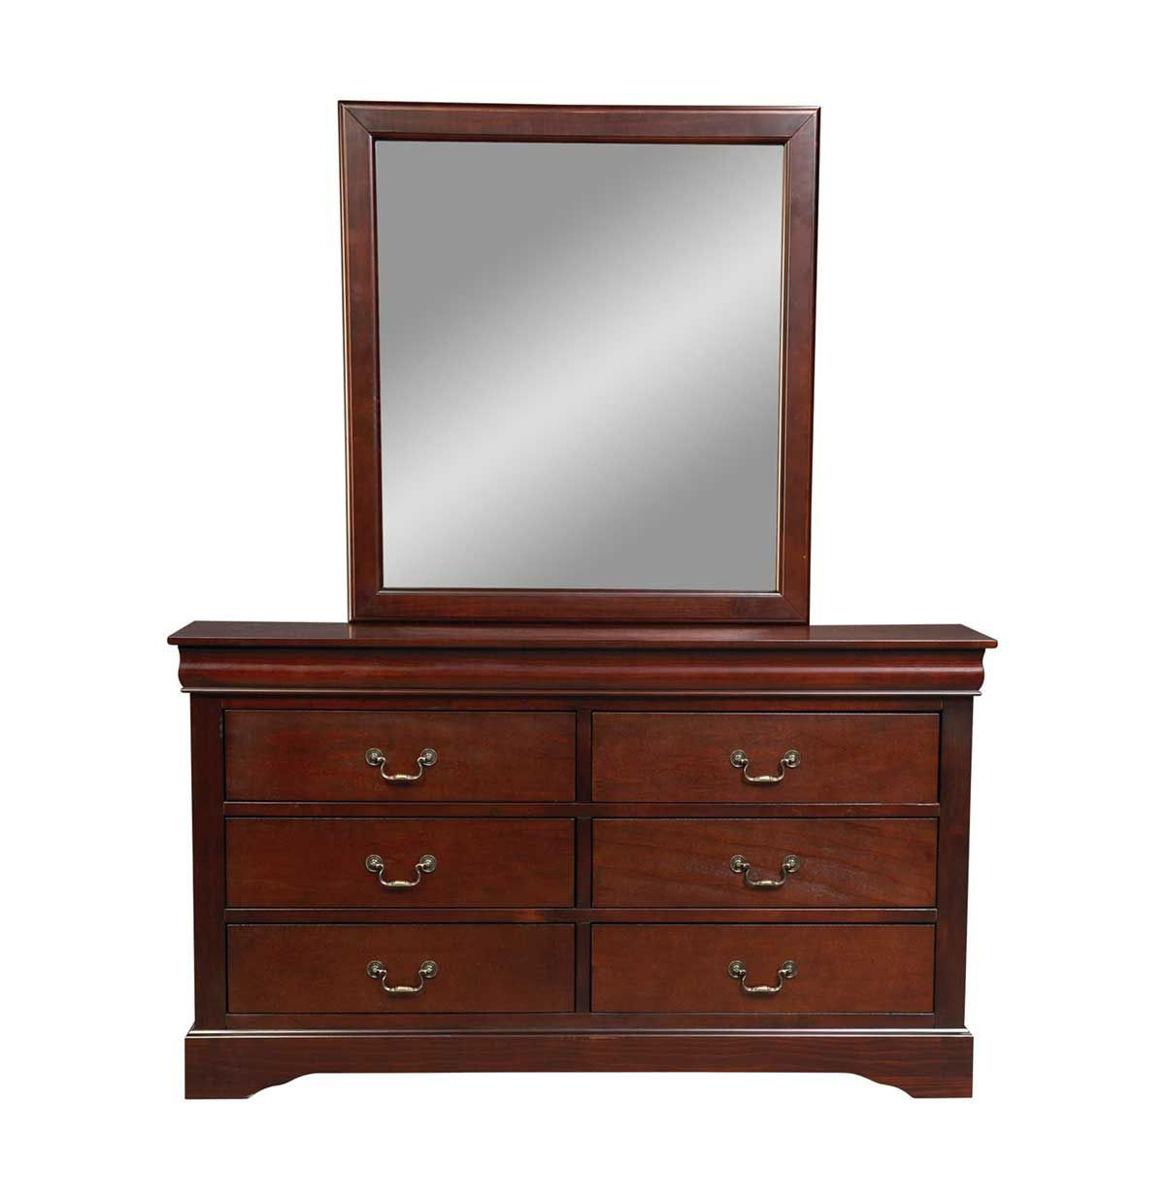 Picture of Lewiston Dresser & Mirror